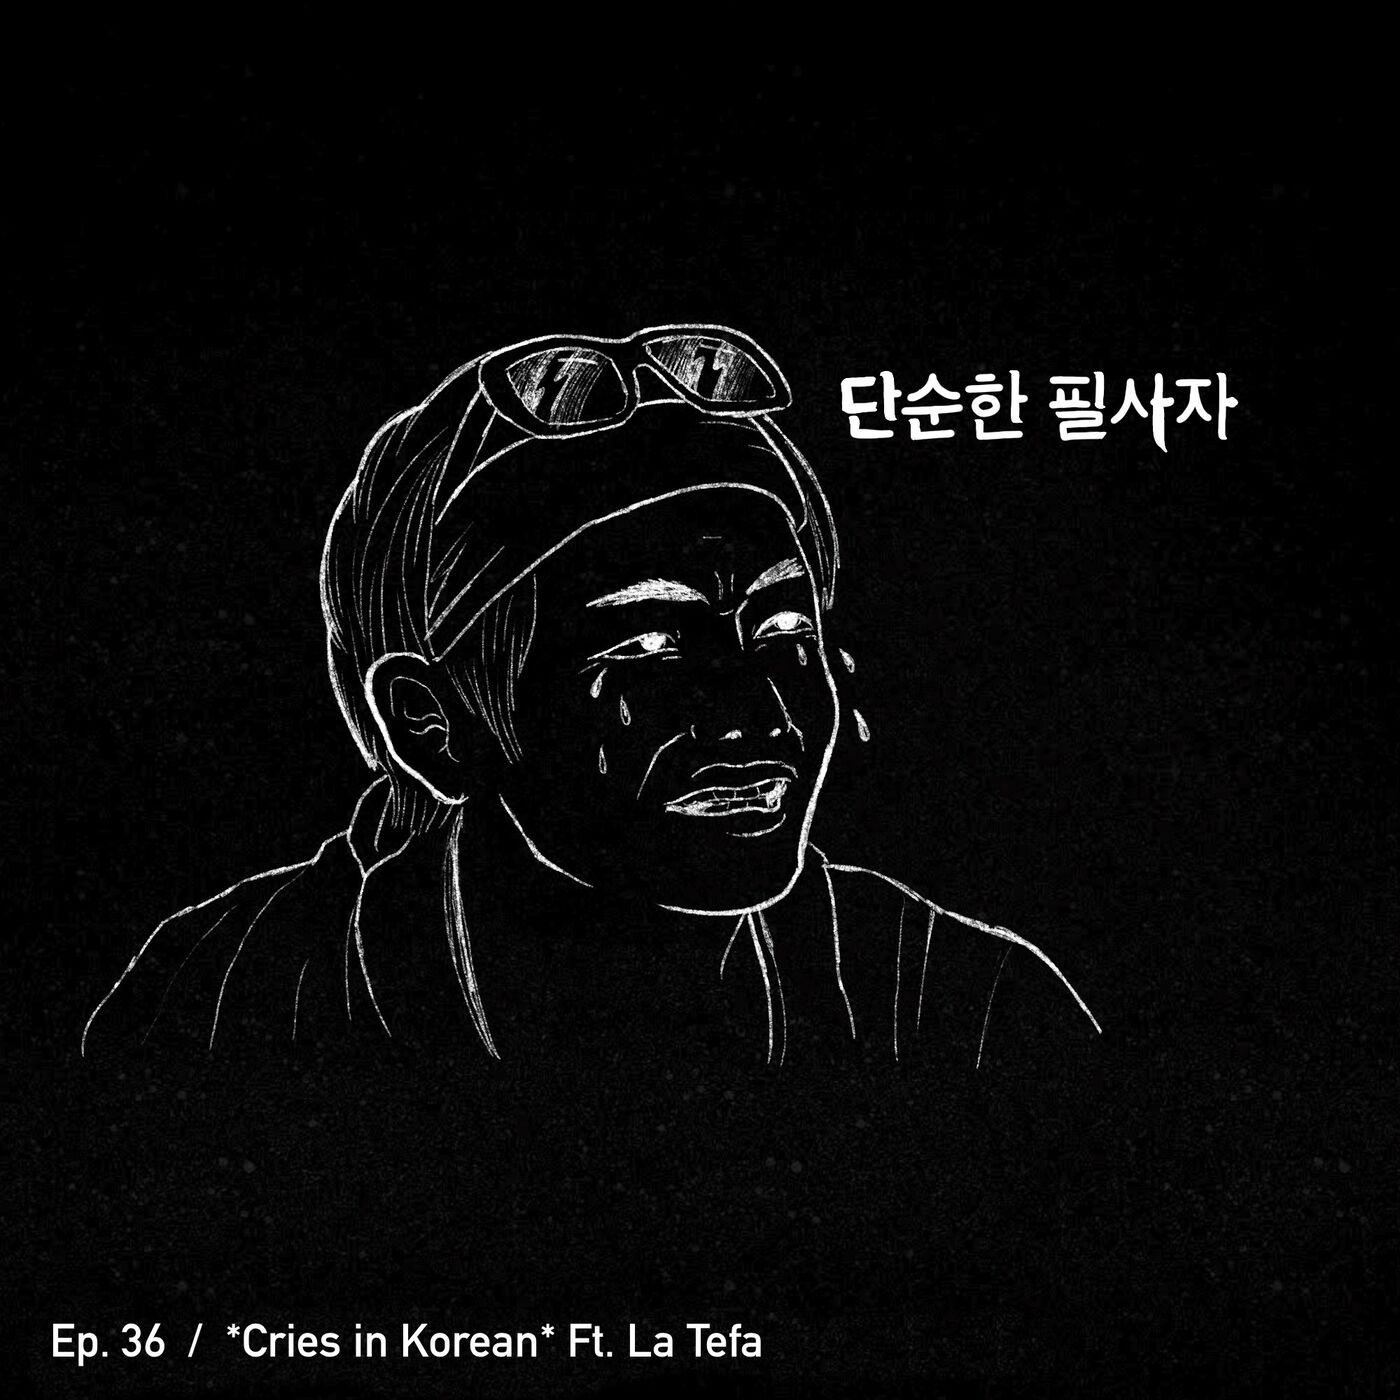 *Cries in Korean* Ft. La Tefa